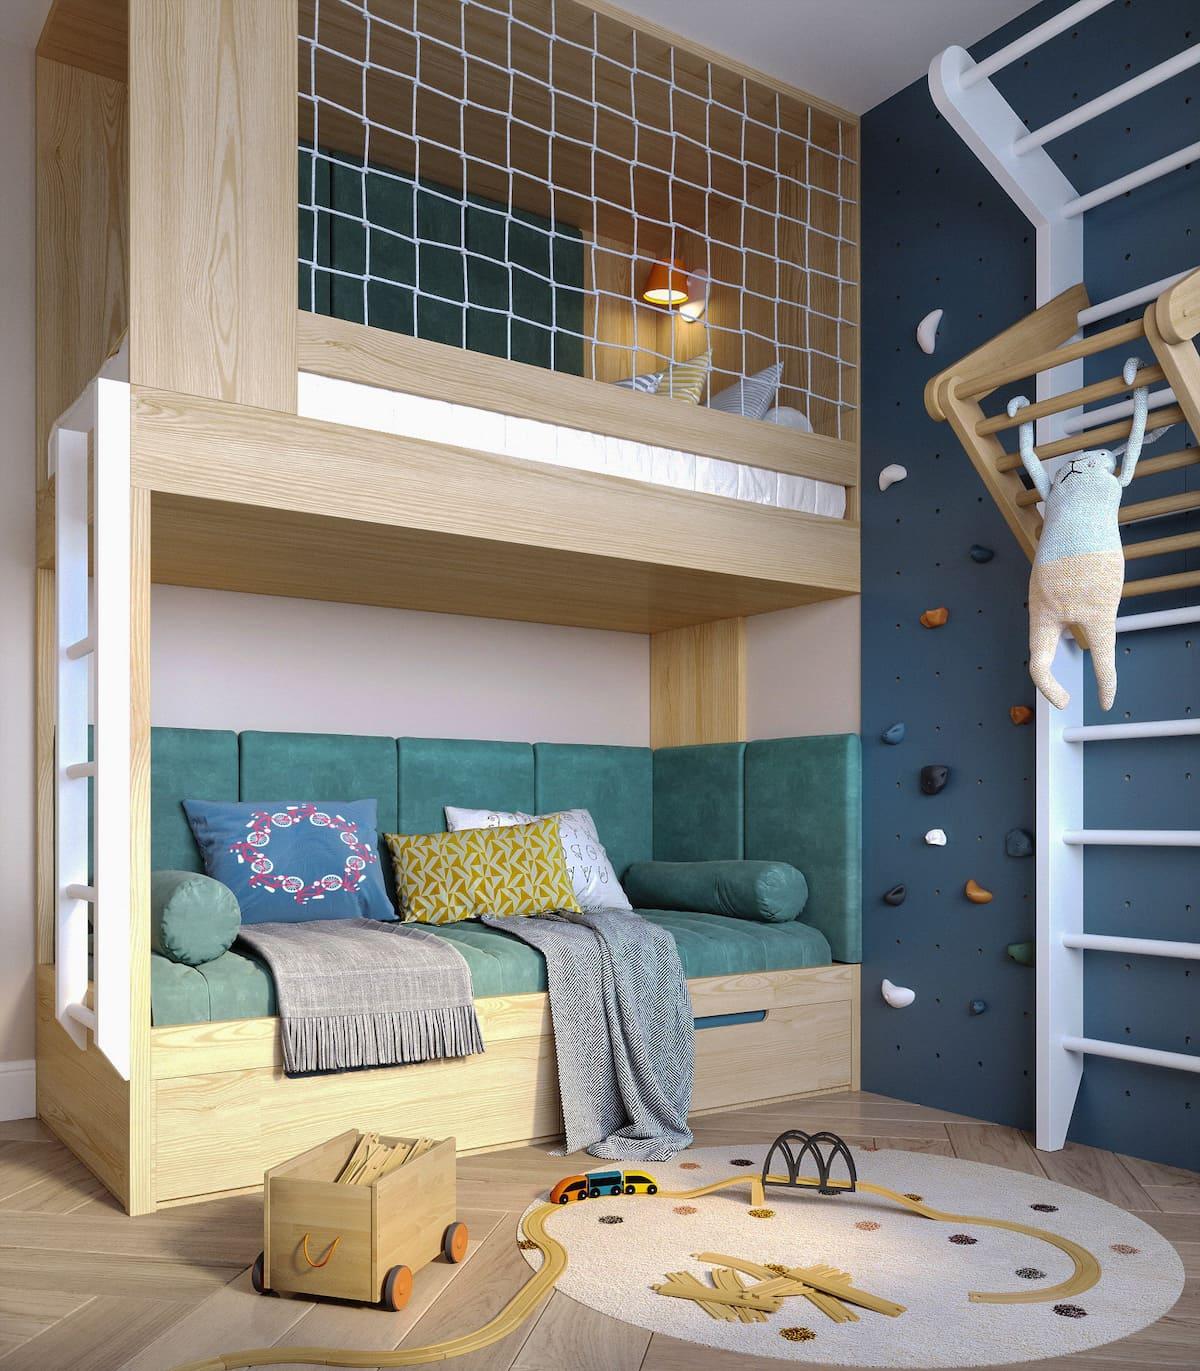 Aménagement d'une chambre d'enfant photo 1